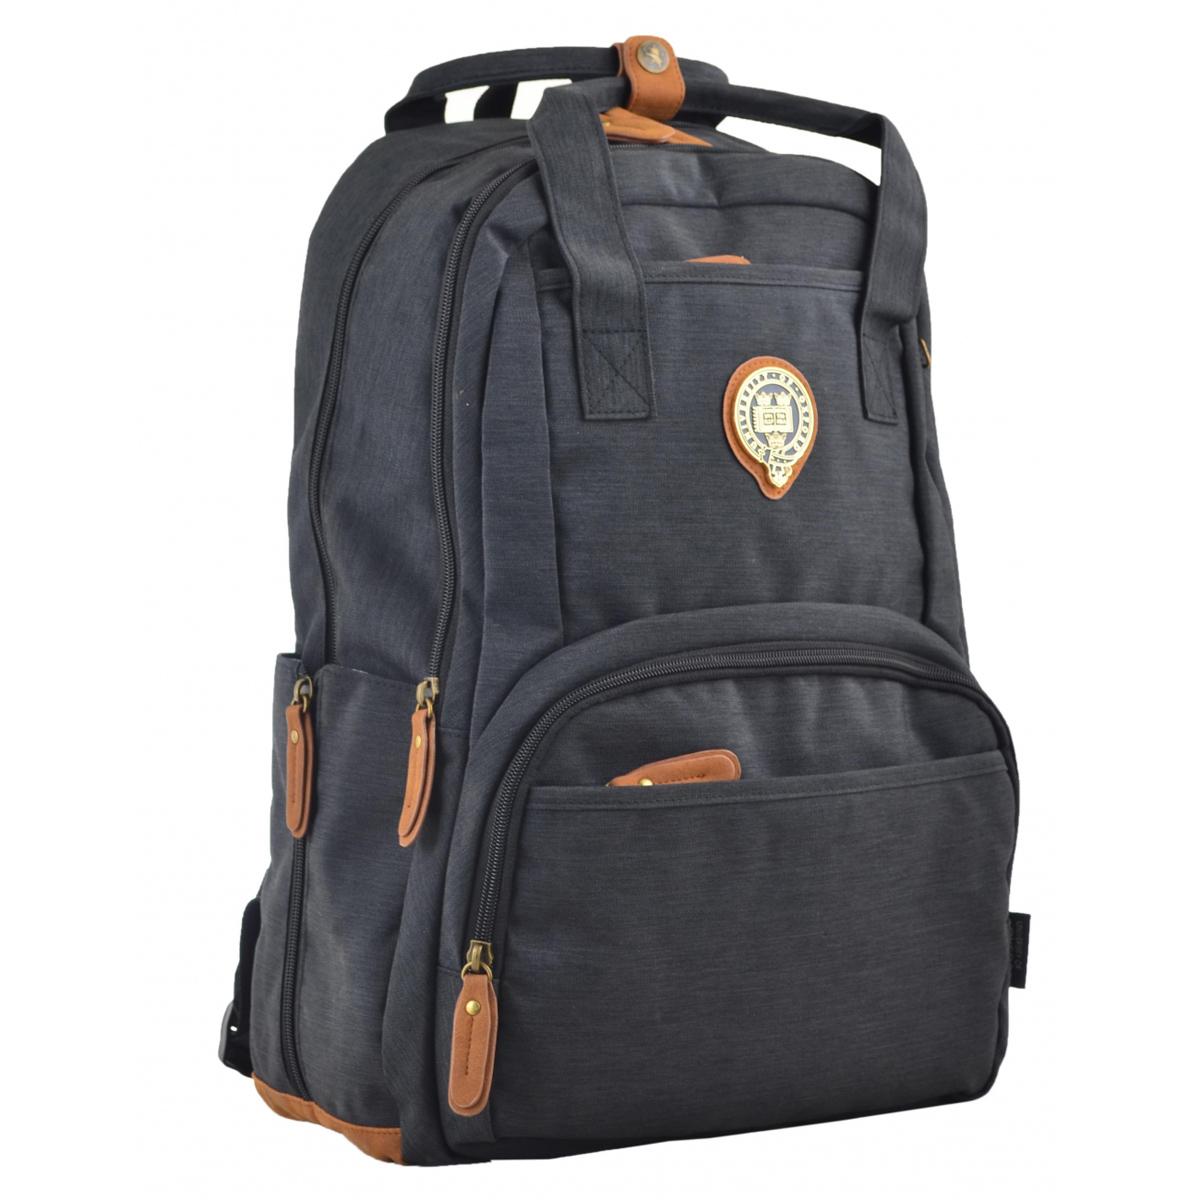 Рюкзак молодежный OX 343, 45*29.5*14